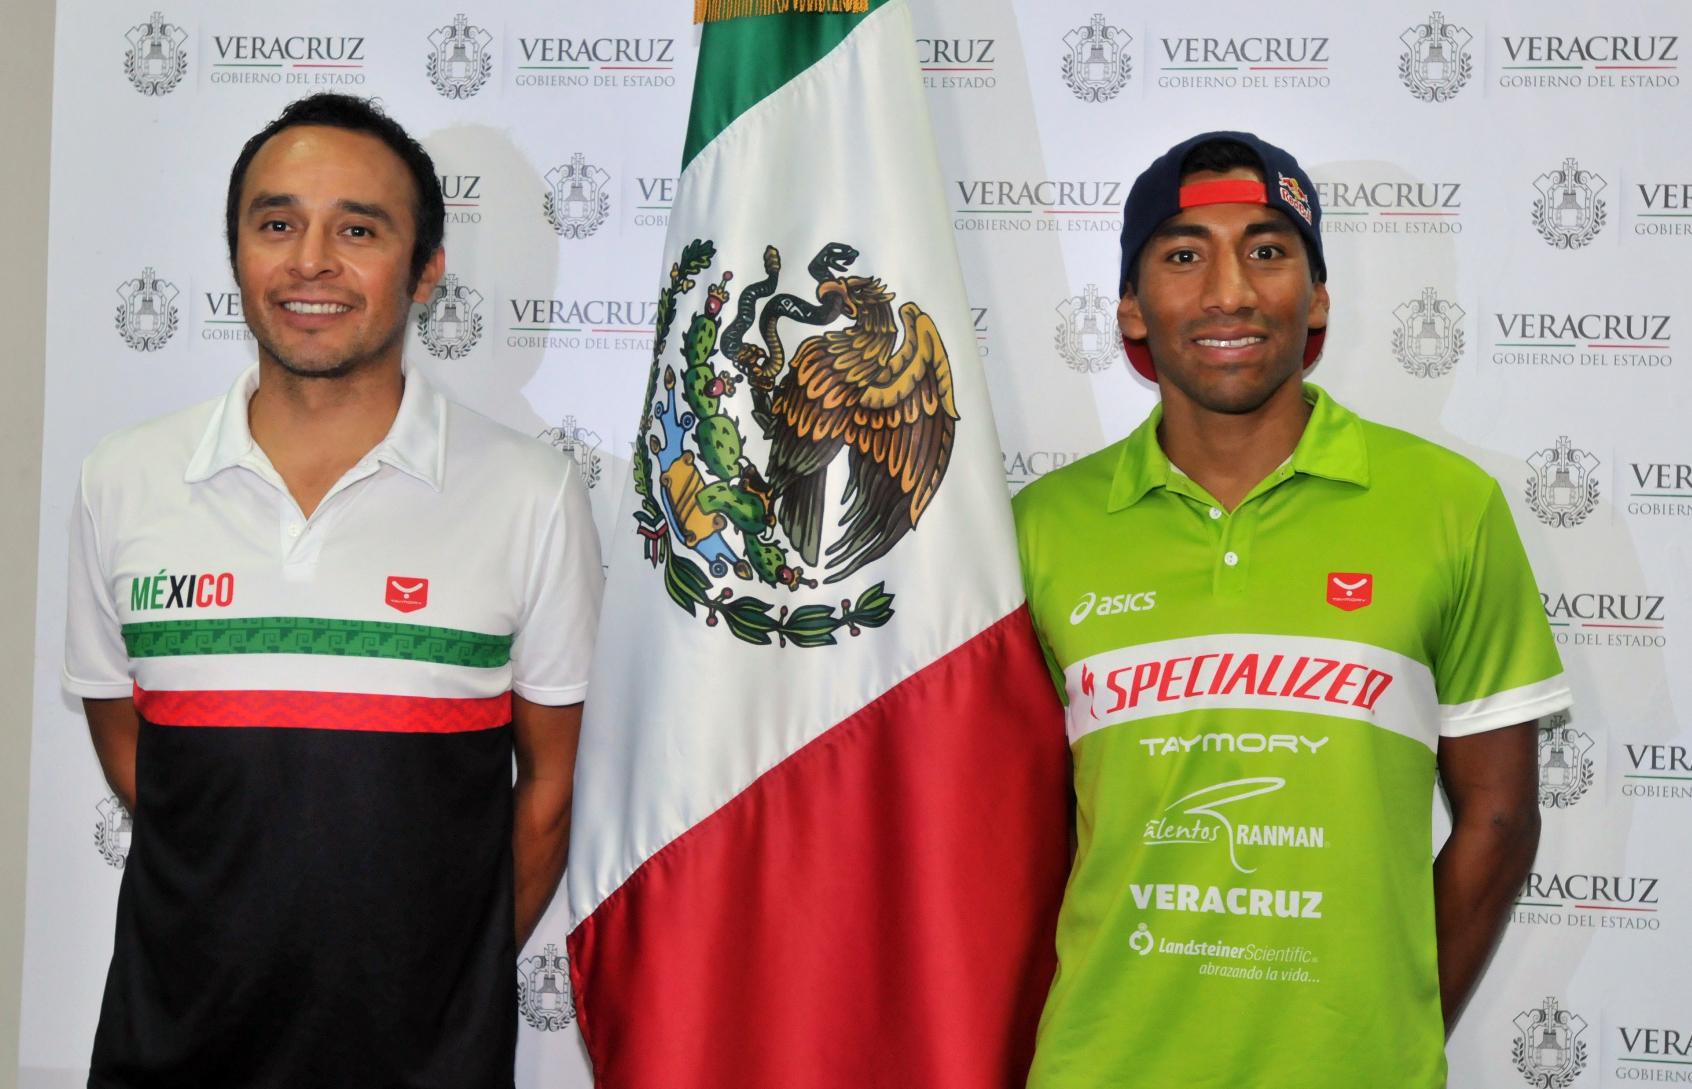 Crisanto Grajales, de los favoritos  para los Juegos Olímpicos de Río 2016